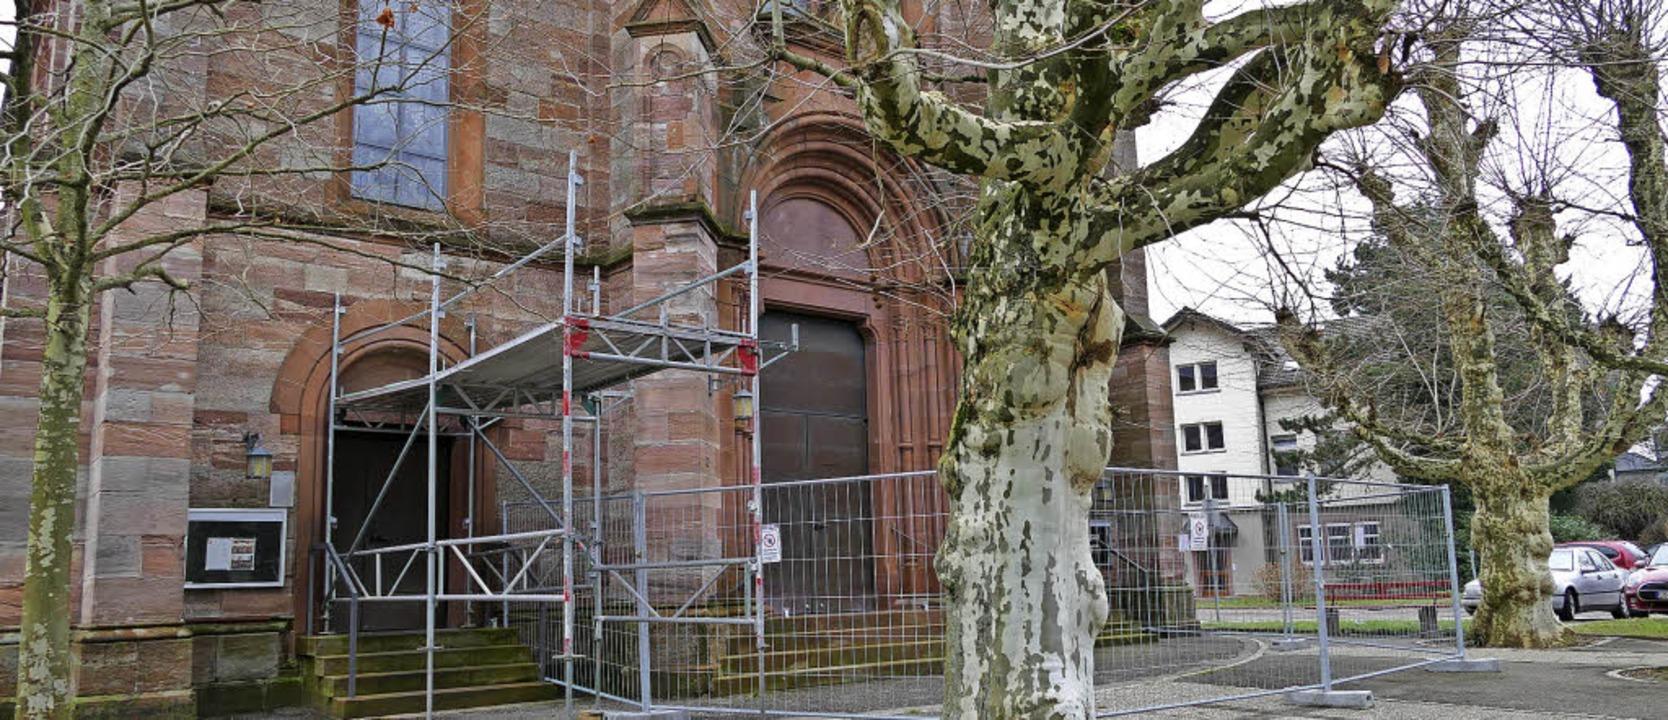 Die Sanierung der katholischen Kirche ...7 kleinere Steine von der Fassade ab.     Foto: Lea Rollbühler